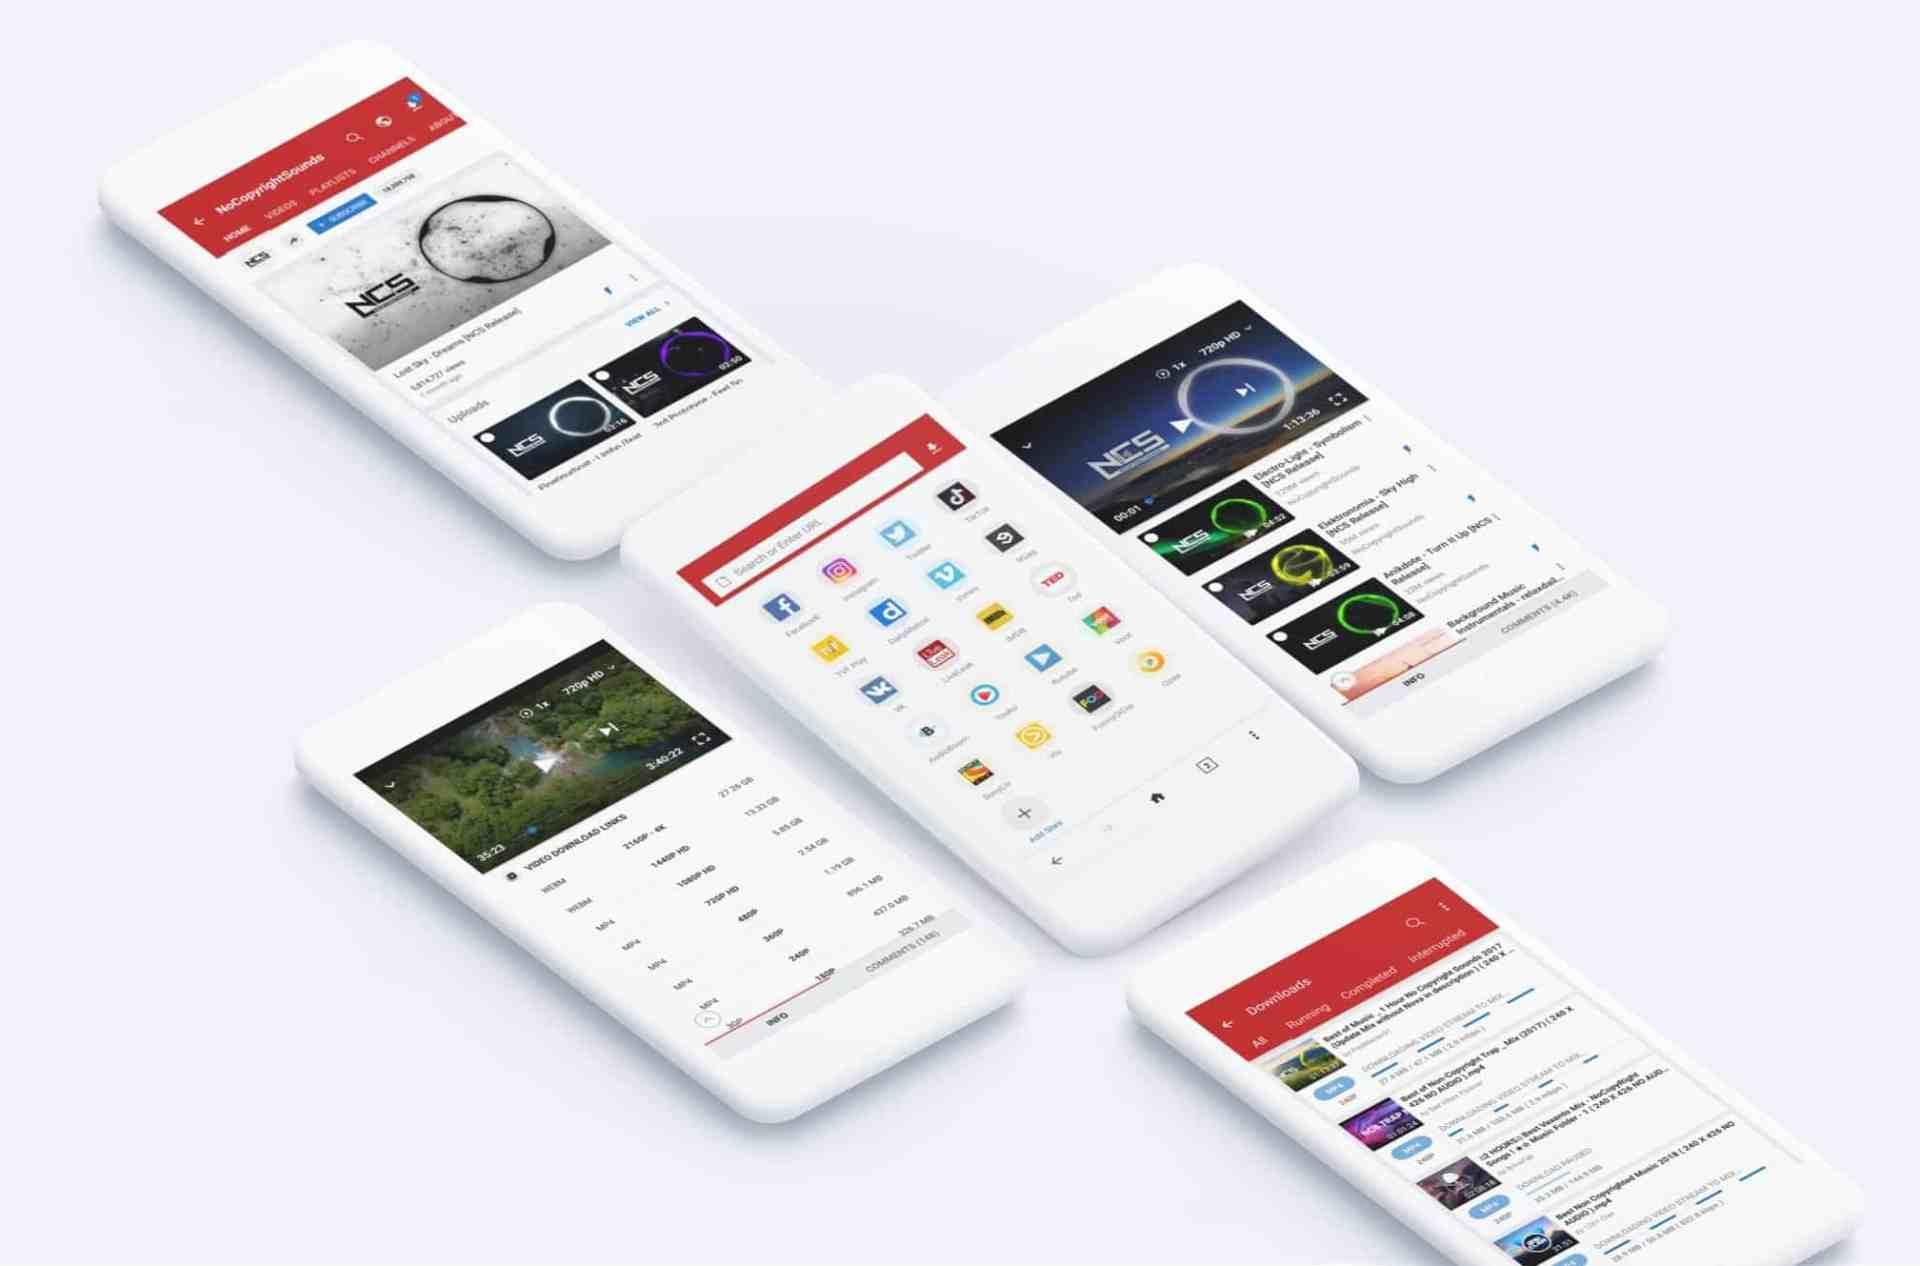 تطبيق أندرويد! حمل الفيديوهات والأغاني من يوتيوب، أنستغرام، فيسبوك والكثير من المواقع بكبسة زر وأكثر من صيغة.